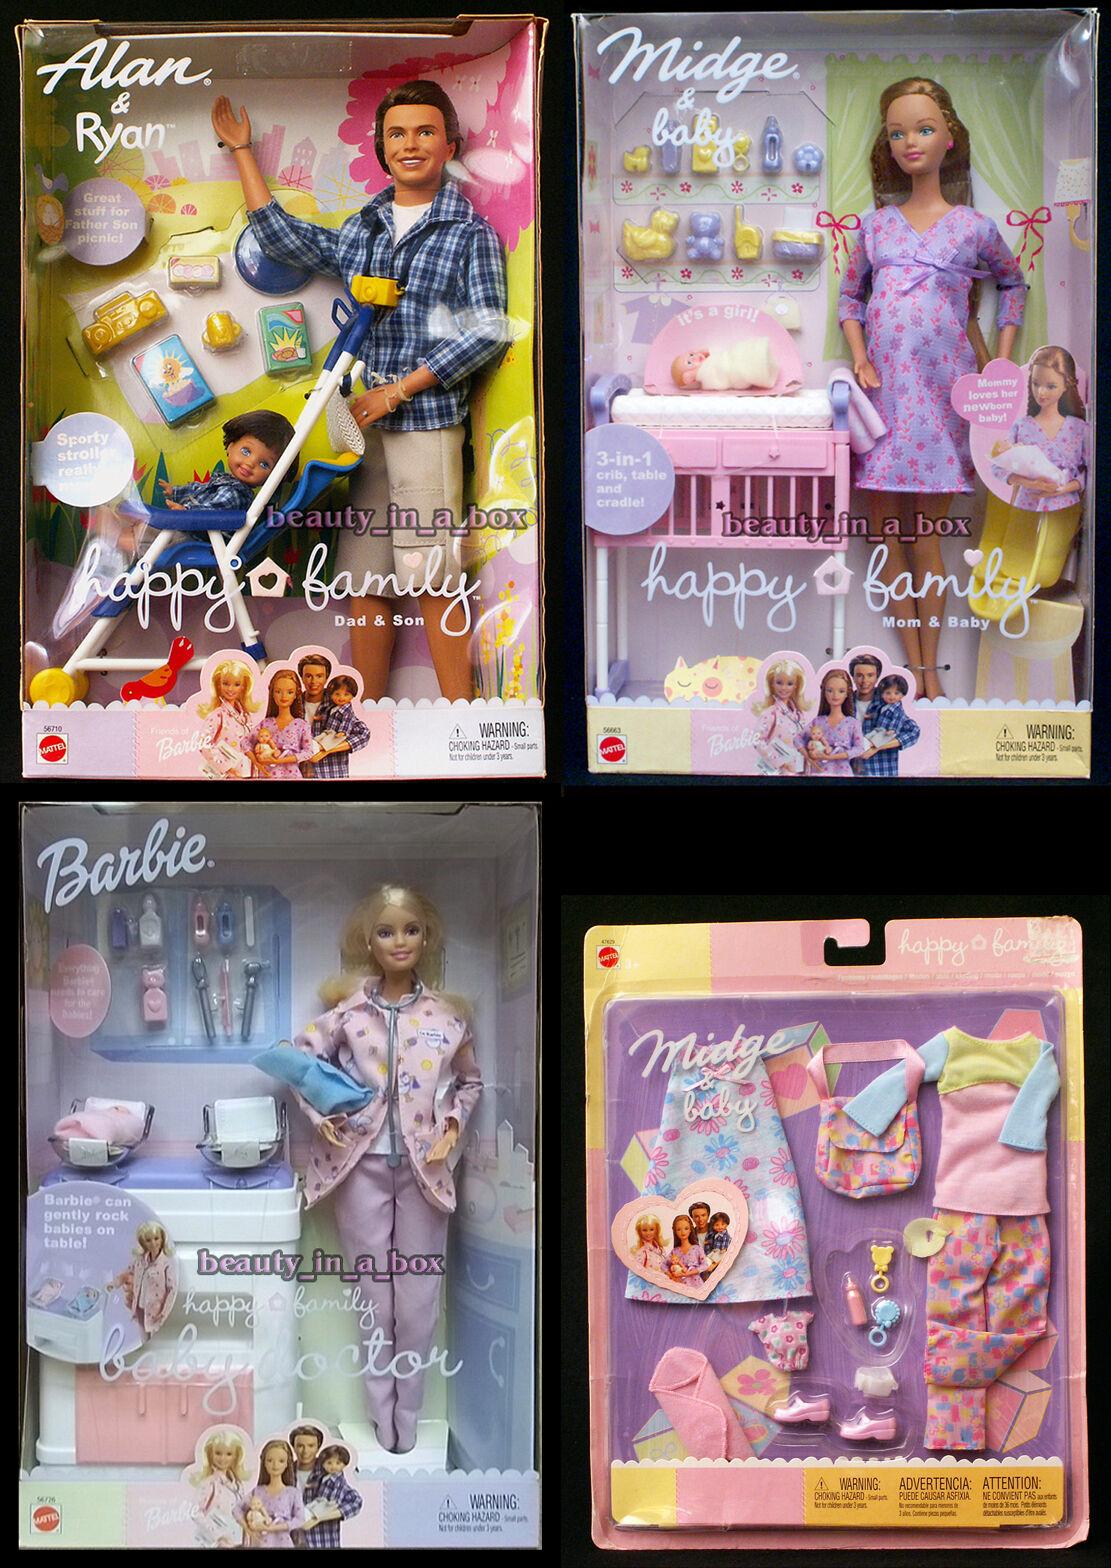 Cecidomia del embarazadas Muñeca Barbie Bebé Alan & Ryan feliz médico de familia moda nunca quitado de la Caja  K3